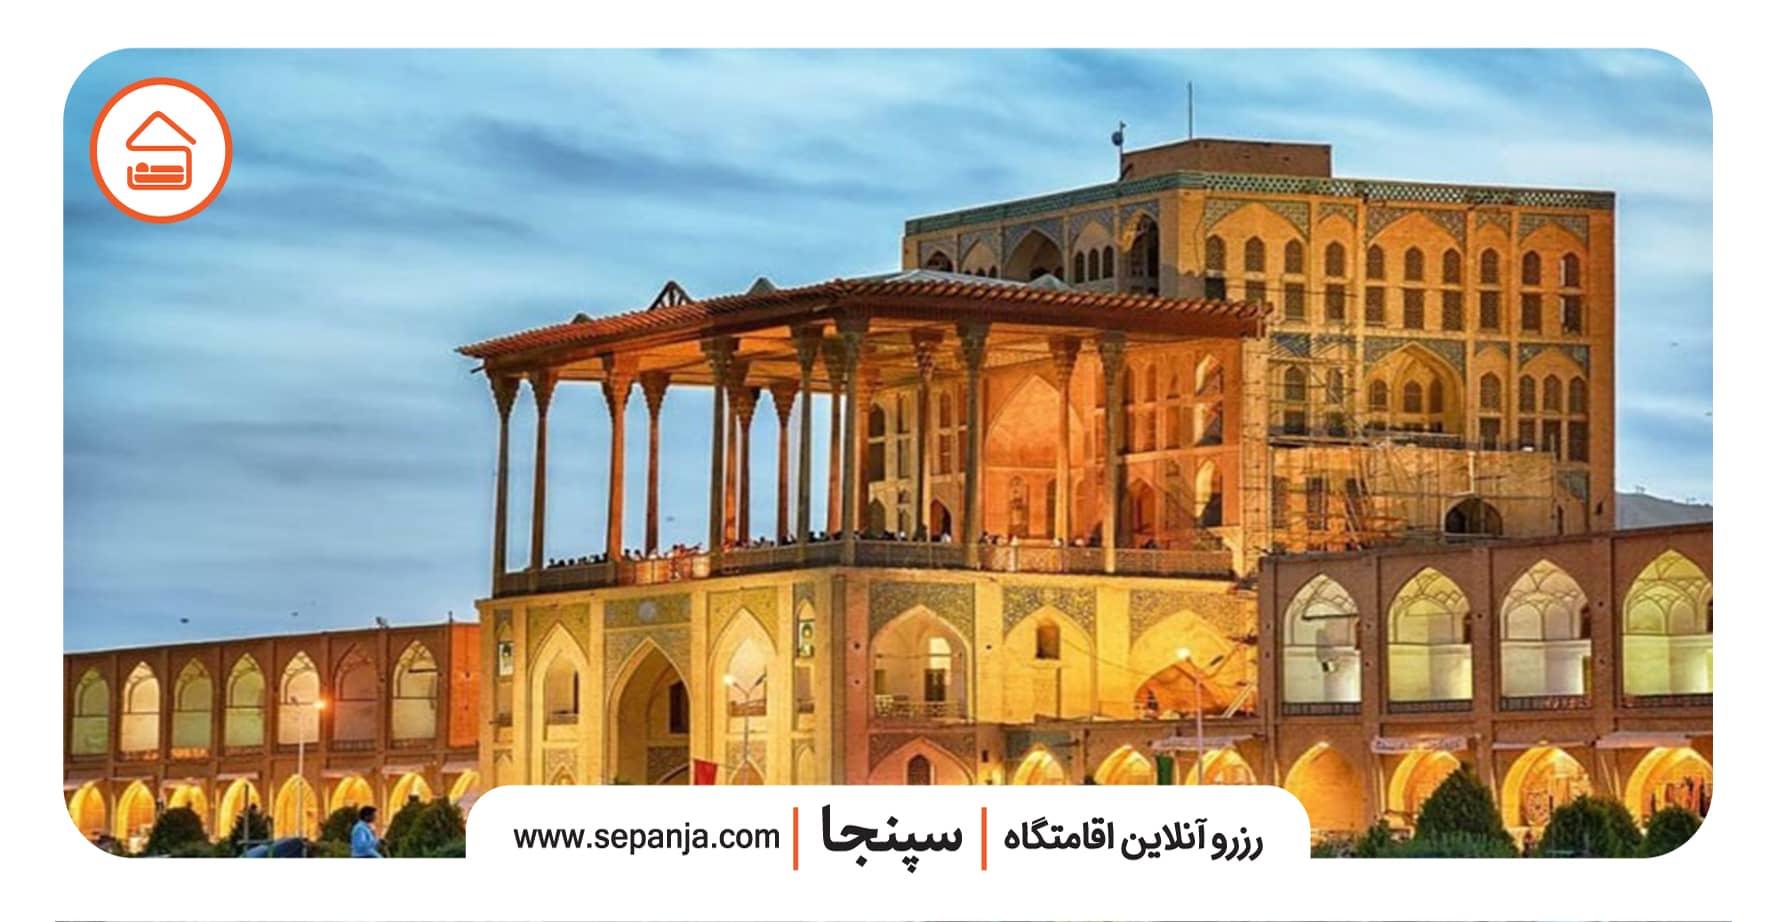 نمایی از عمارت و کاخ عالی قاپو